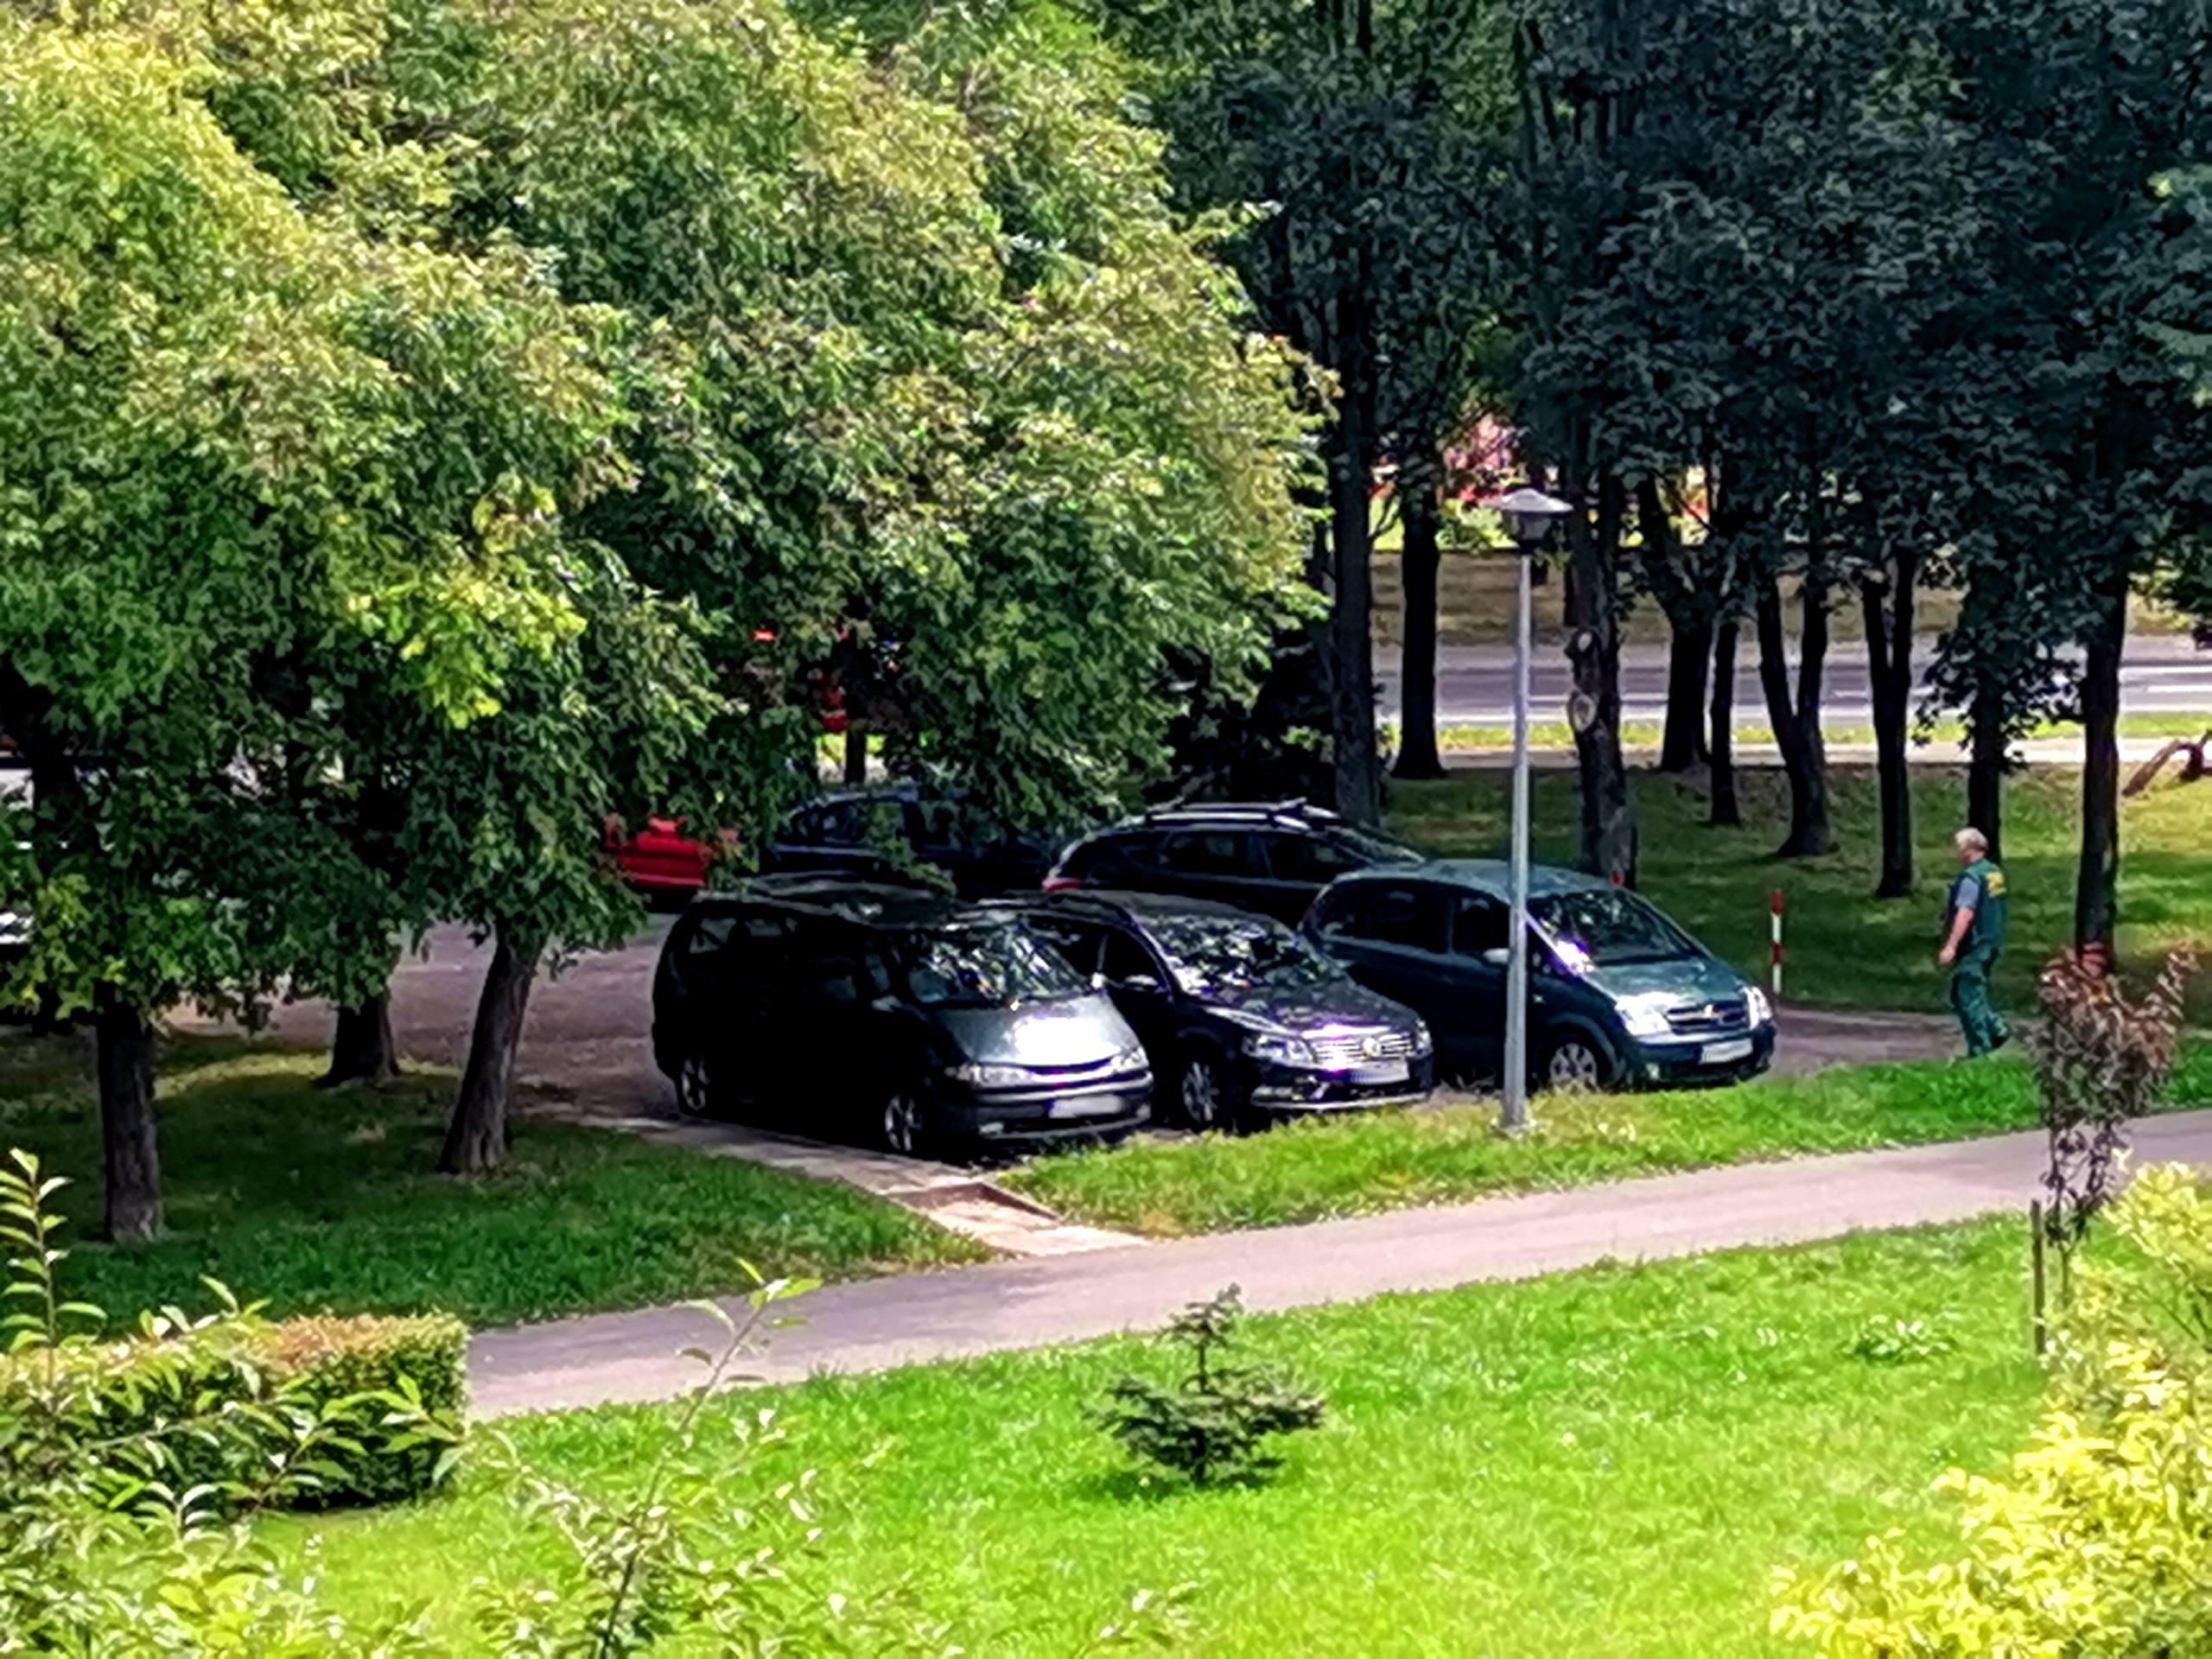 mieszkanie zamosc infulacka - mieszkanie na sprzedaż - Krzysztof Górski Nieruchomości Zamość